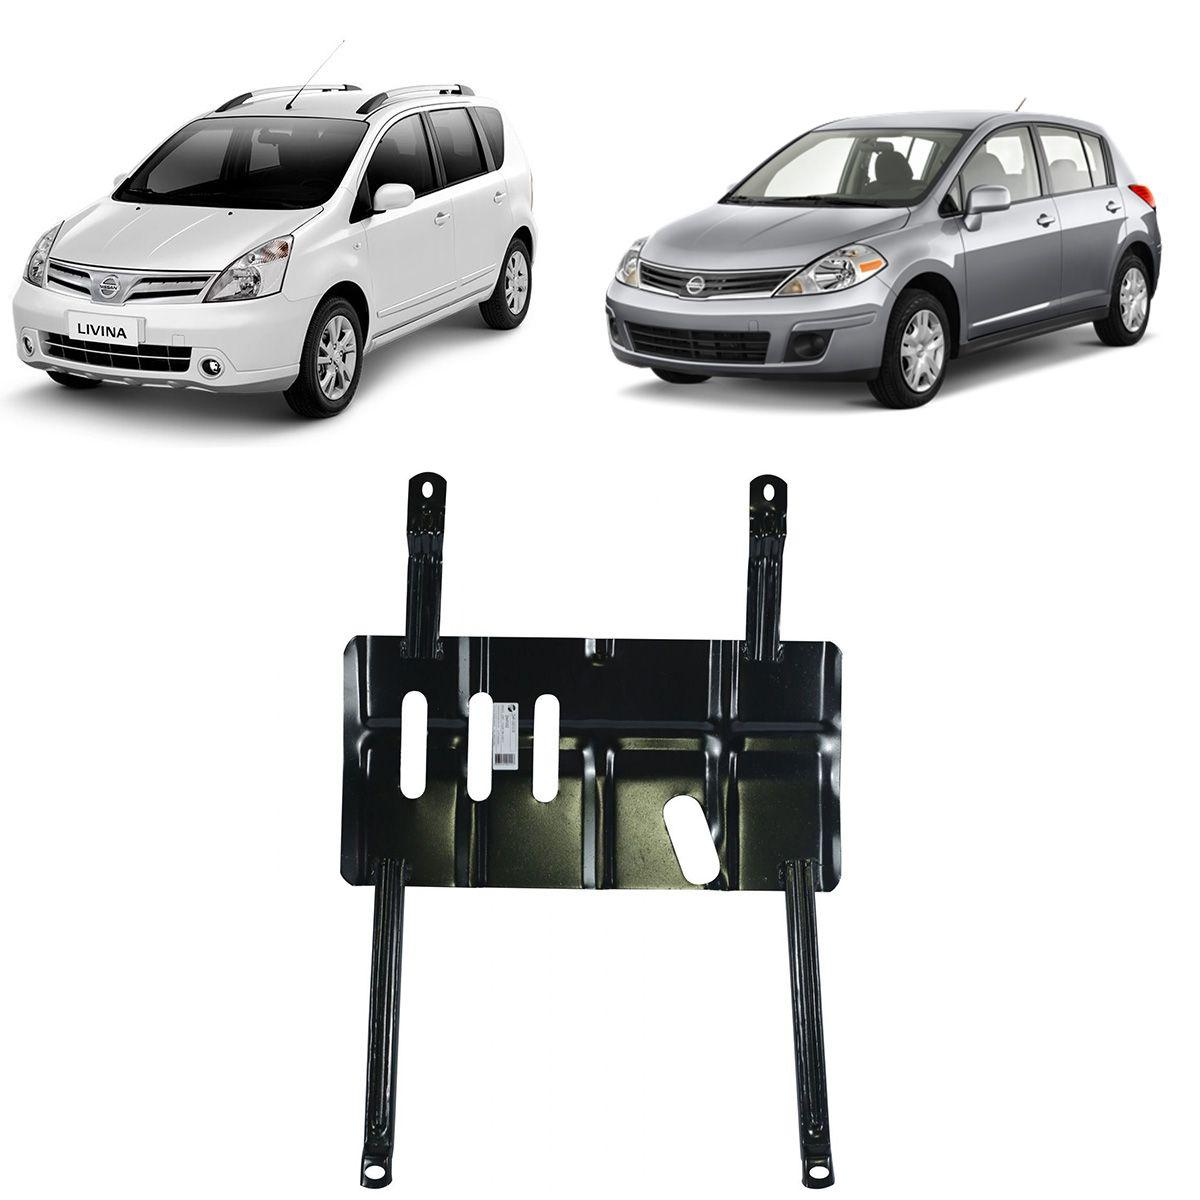 Protetor de Cárter para Nissan Livina 2009 a 2015 e Tiida 2008 a 2014